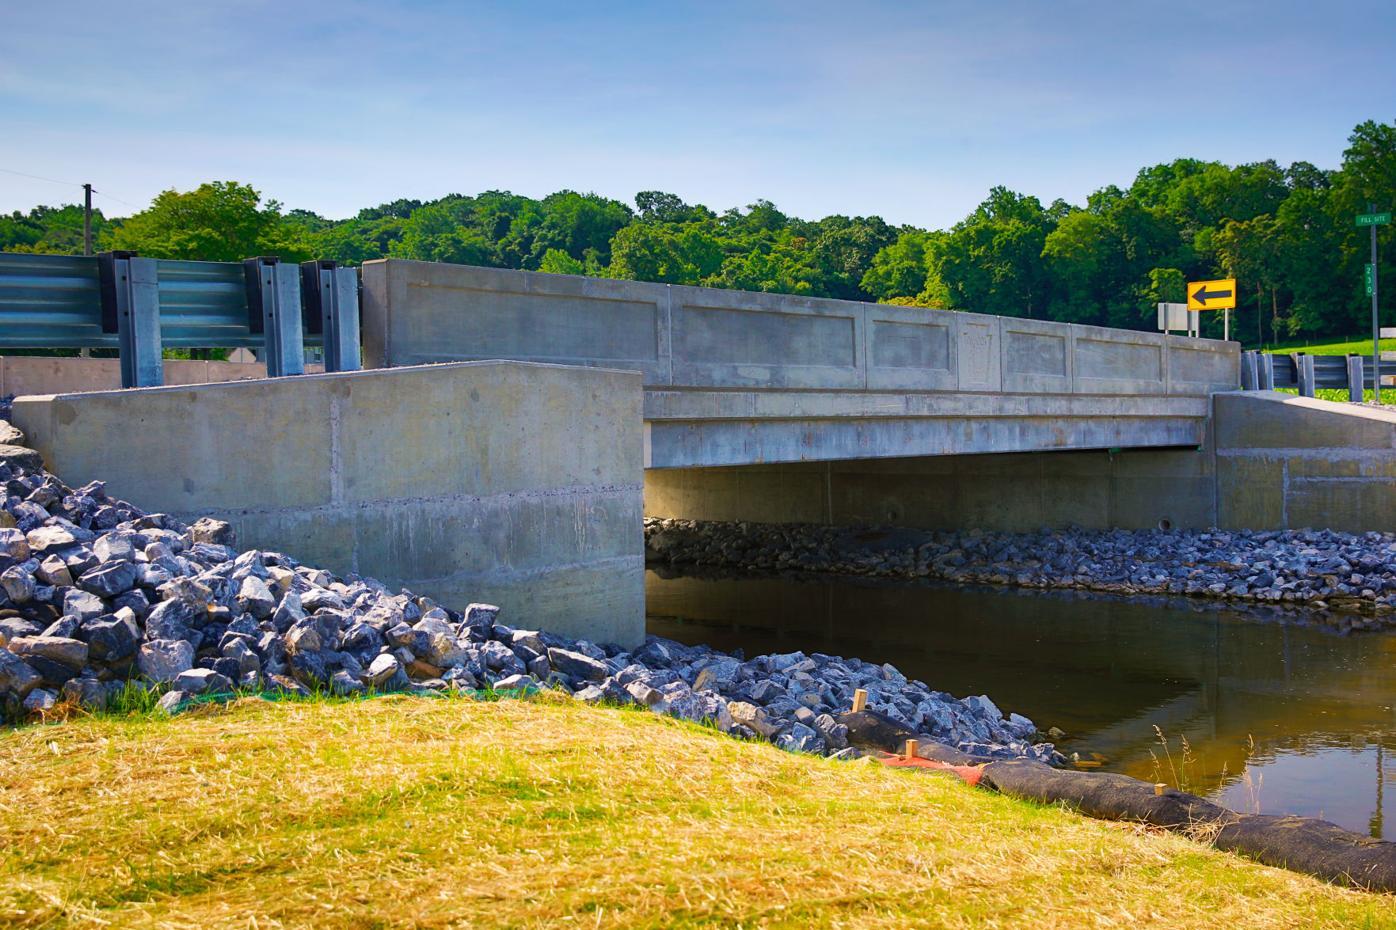 Shirktown Road bridge in Caernarvon Township